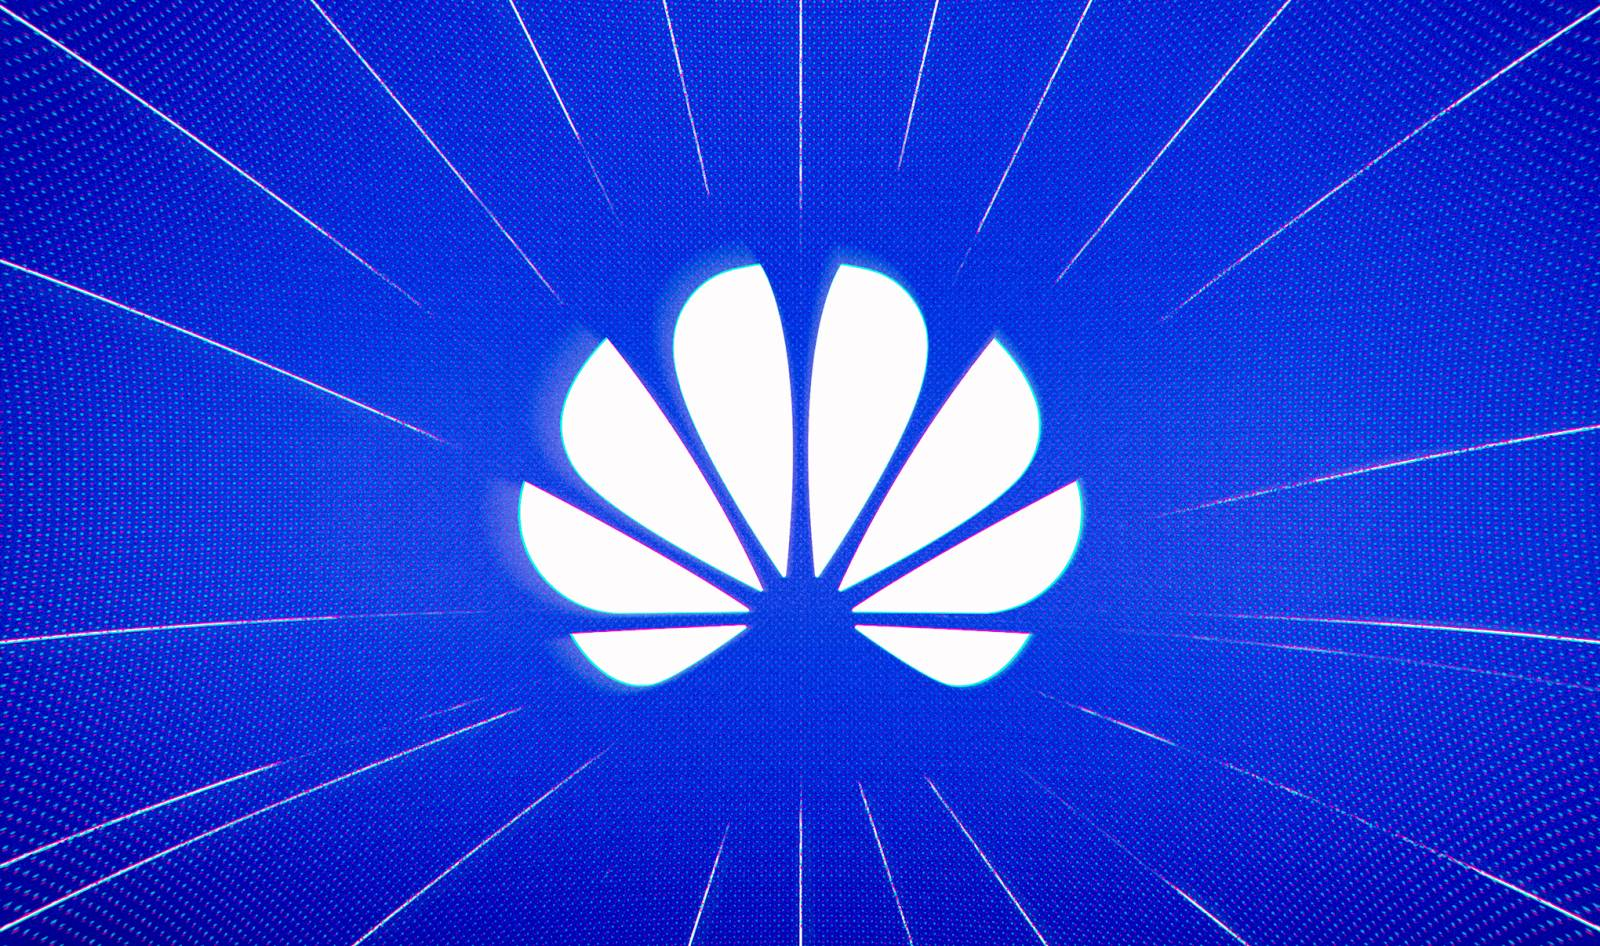 Huawei. Noua LOVITURA foarte DURA Primita de catre Companie